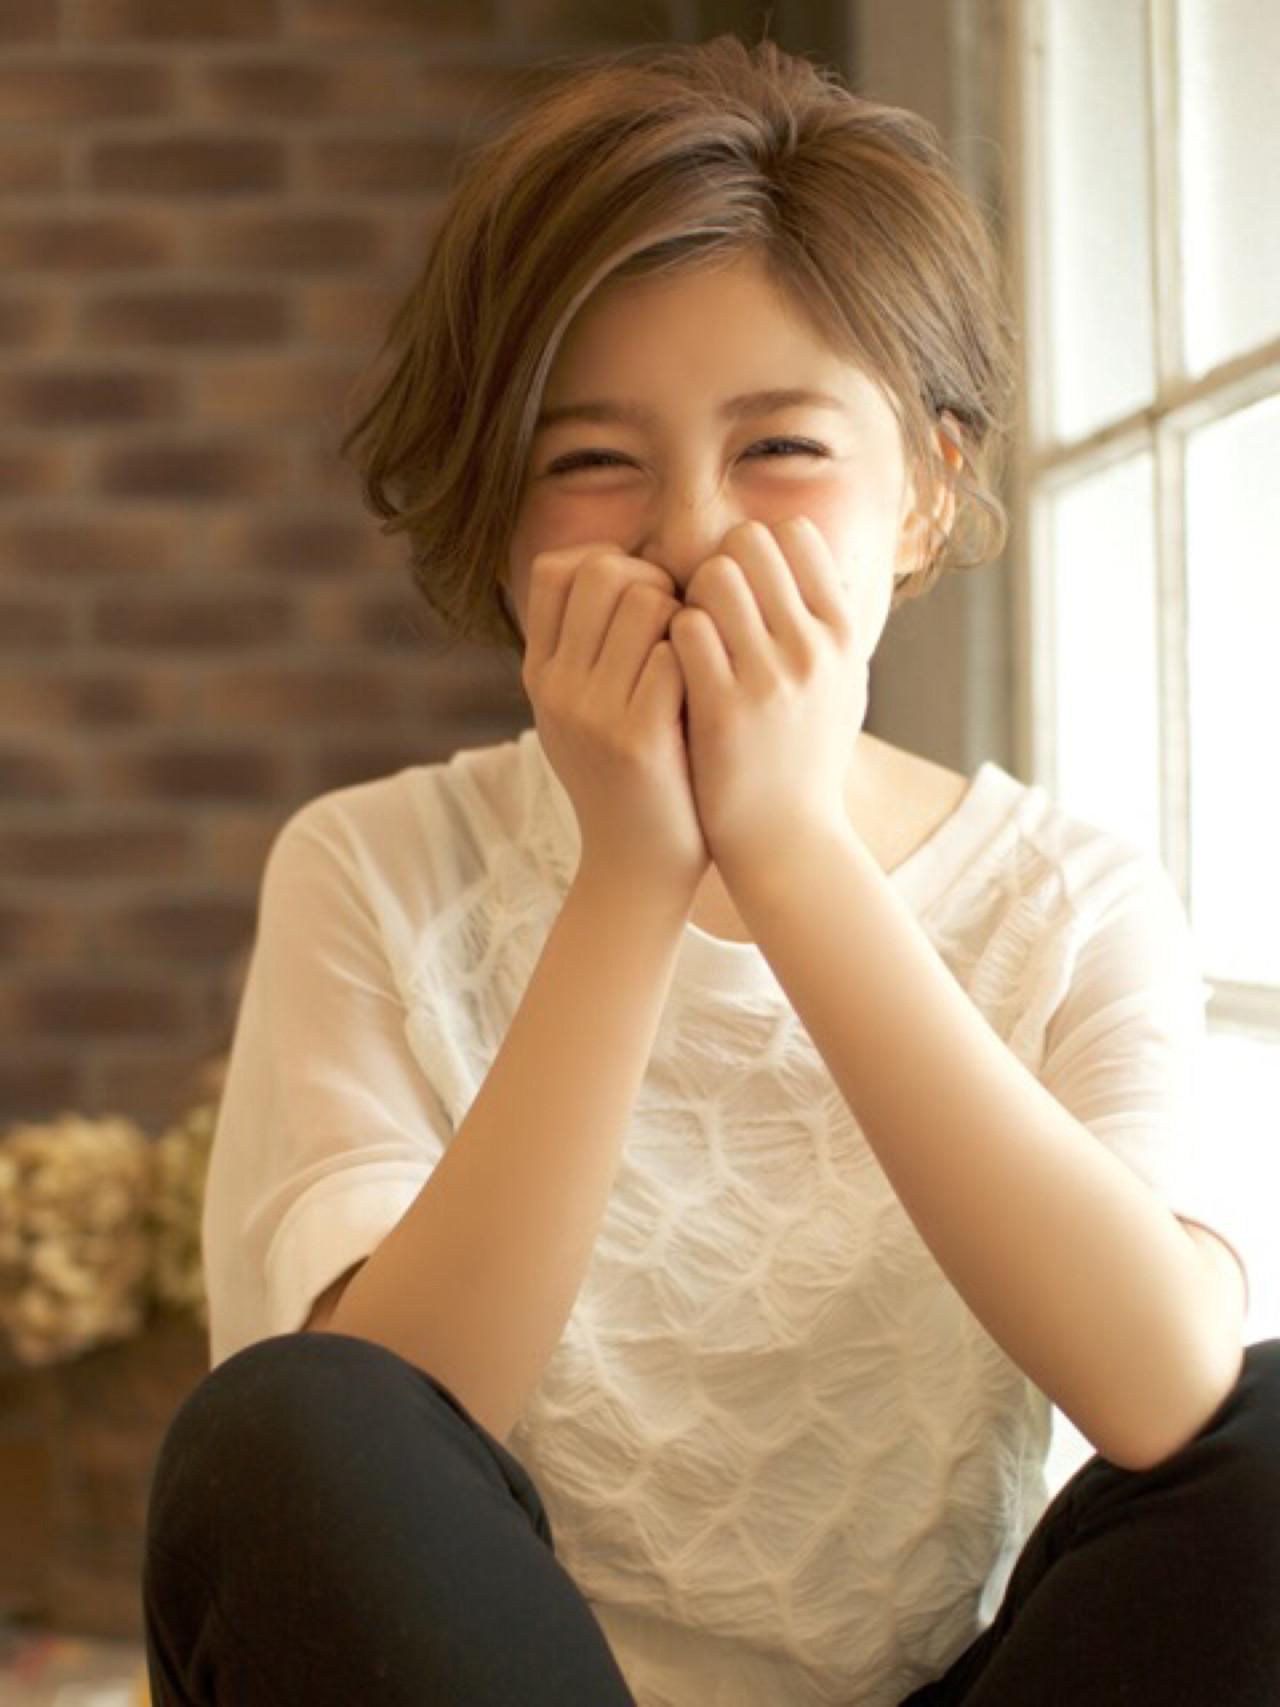 ショート ショートボブ 大人かわいい アッシュ ヘアスタイルや髪型の写真・画像 | Seiichi Bekku / BEKKU hair salon